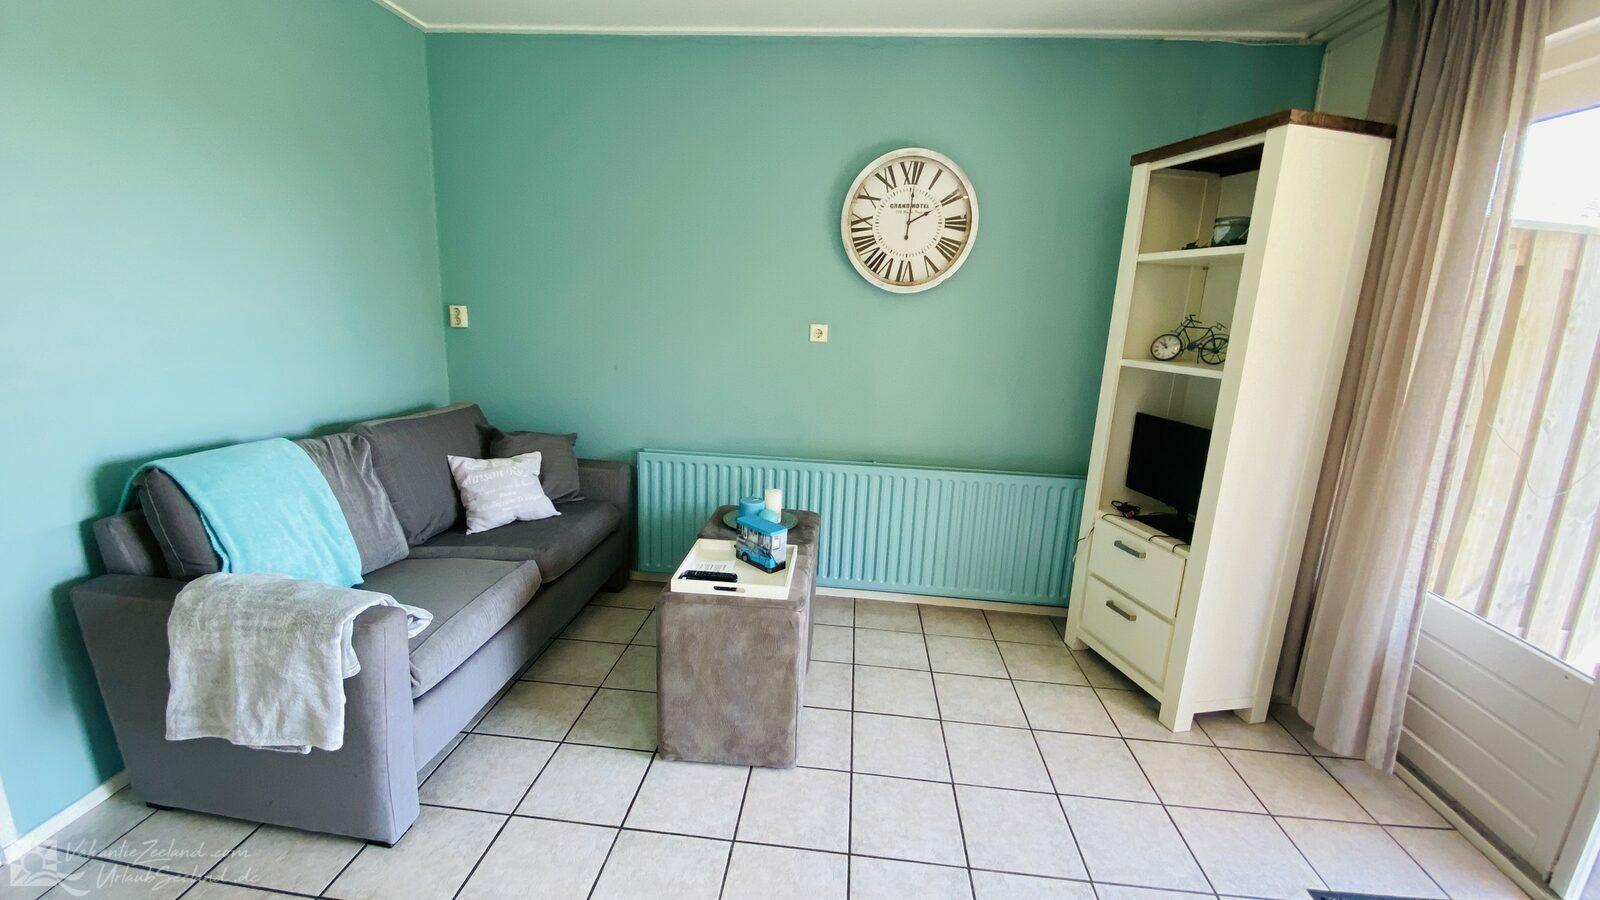 VZ 485 Ferienunterkunft Koudekerke-Dishoek